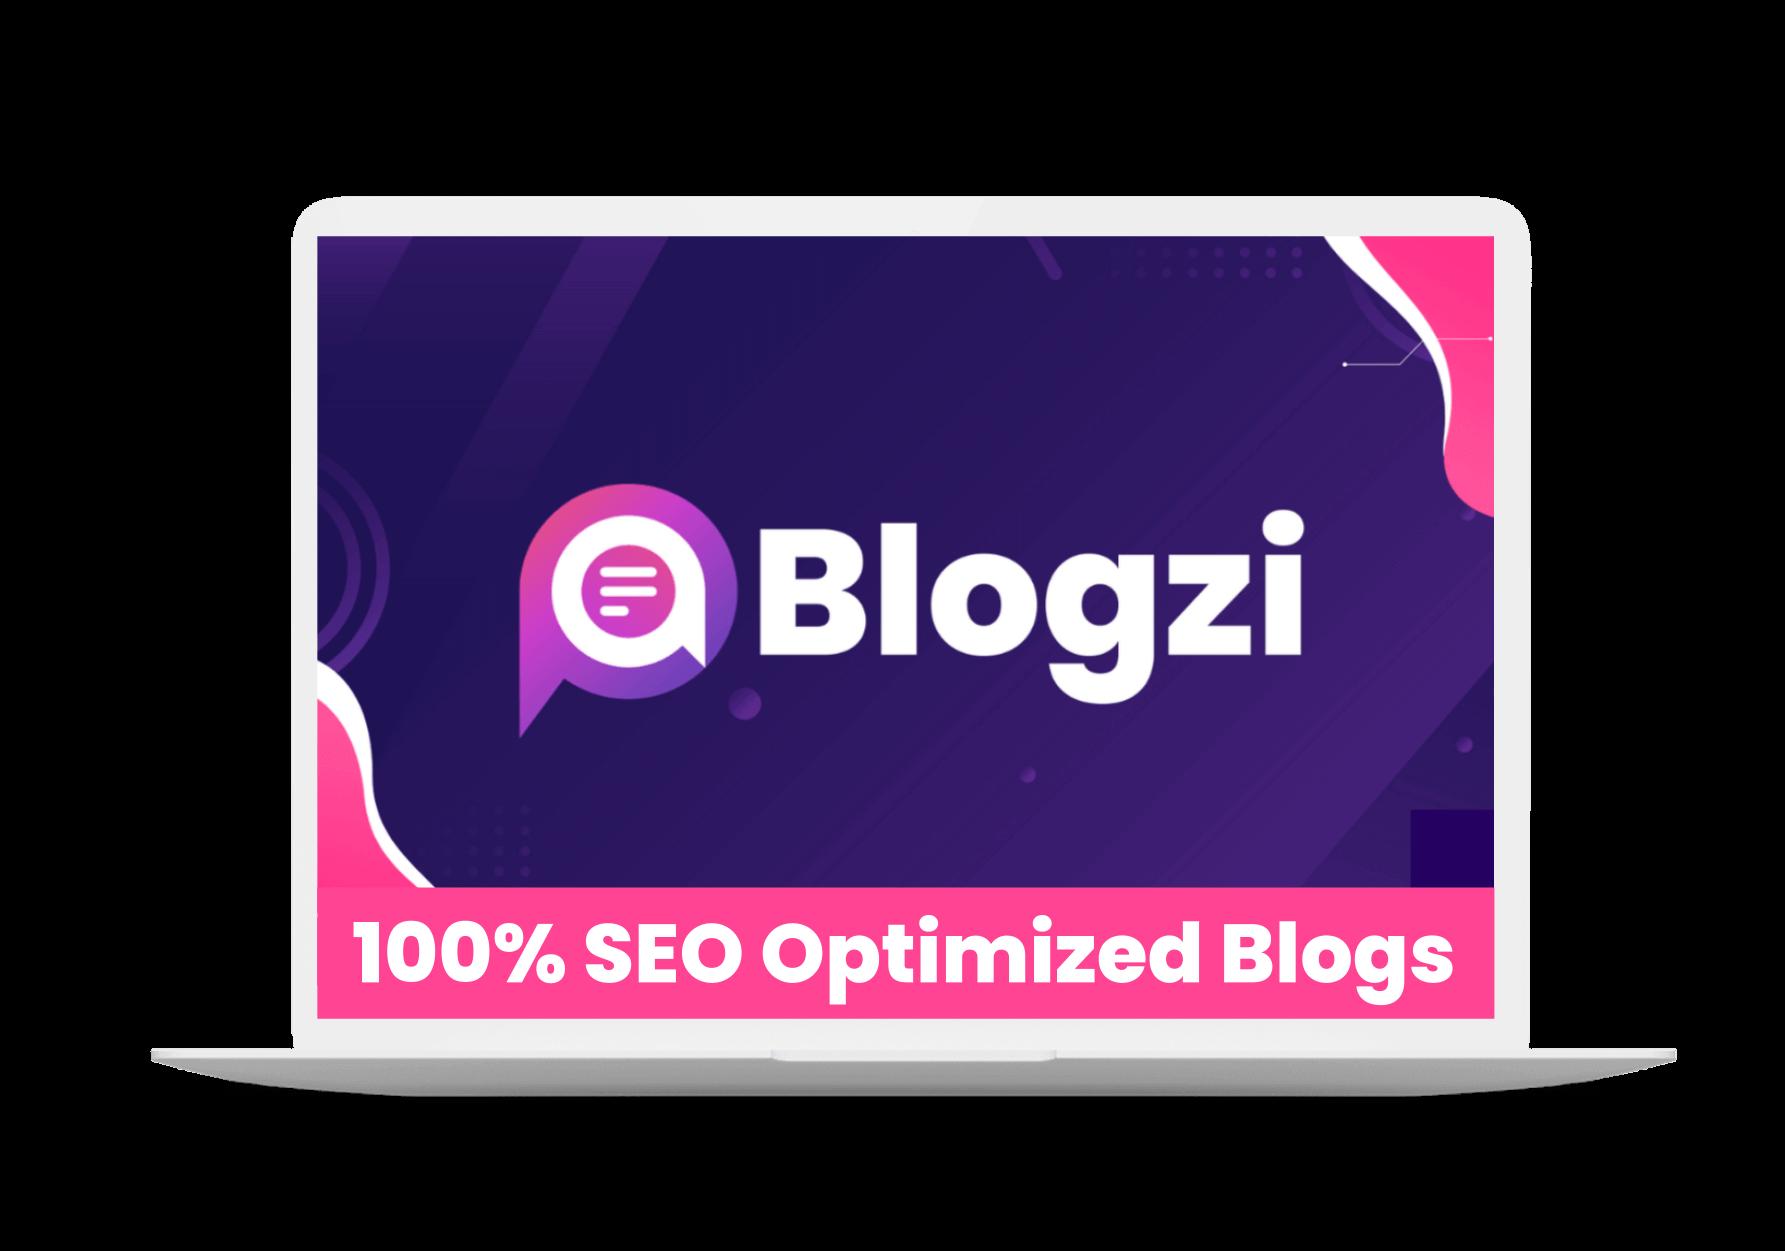 Blogzi-feature-7